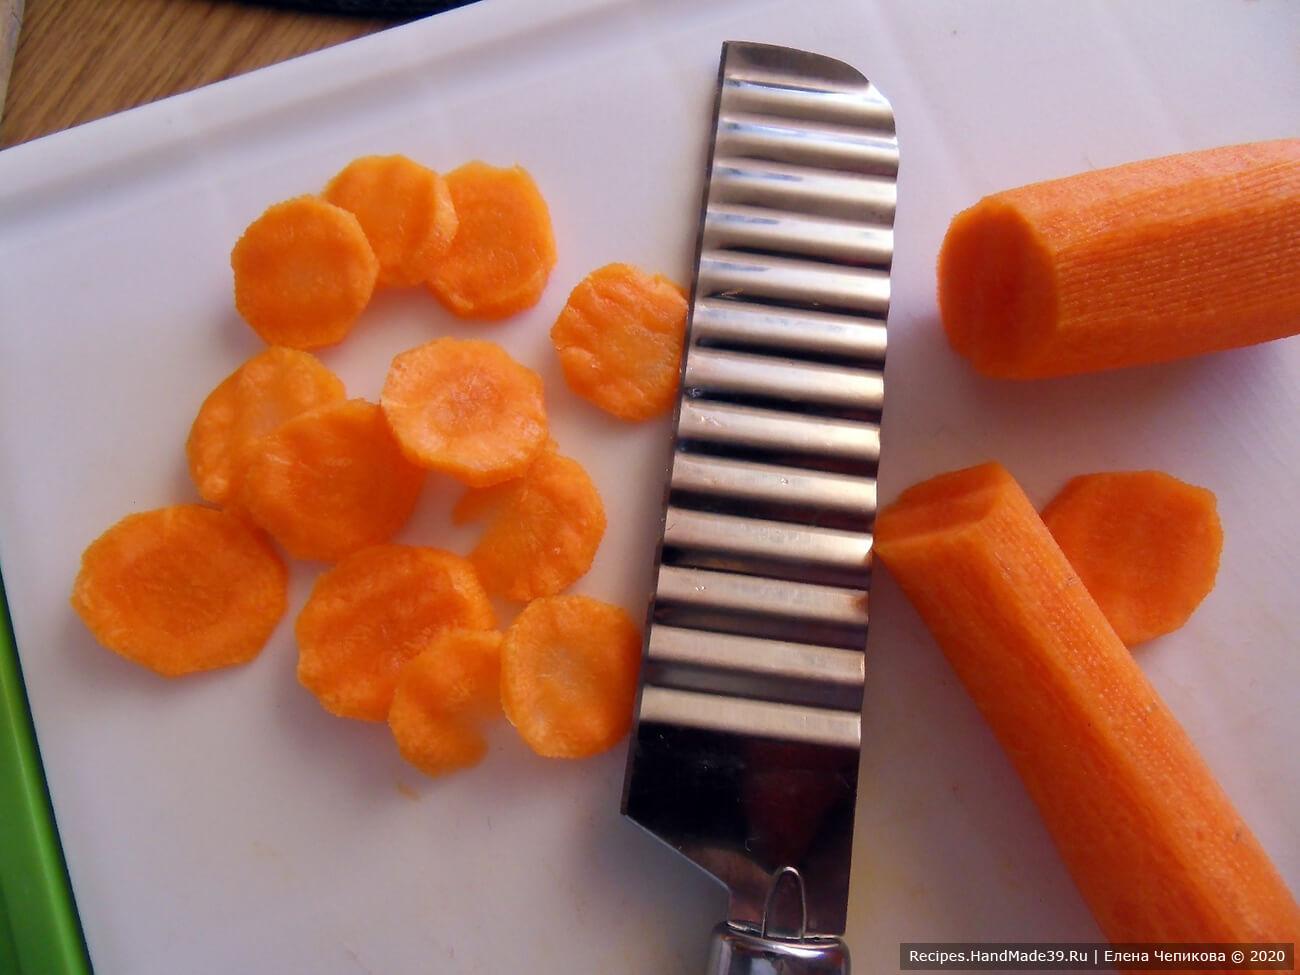 Морковь вымыть, очистить, нарезать тонкими кружочками